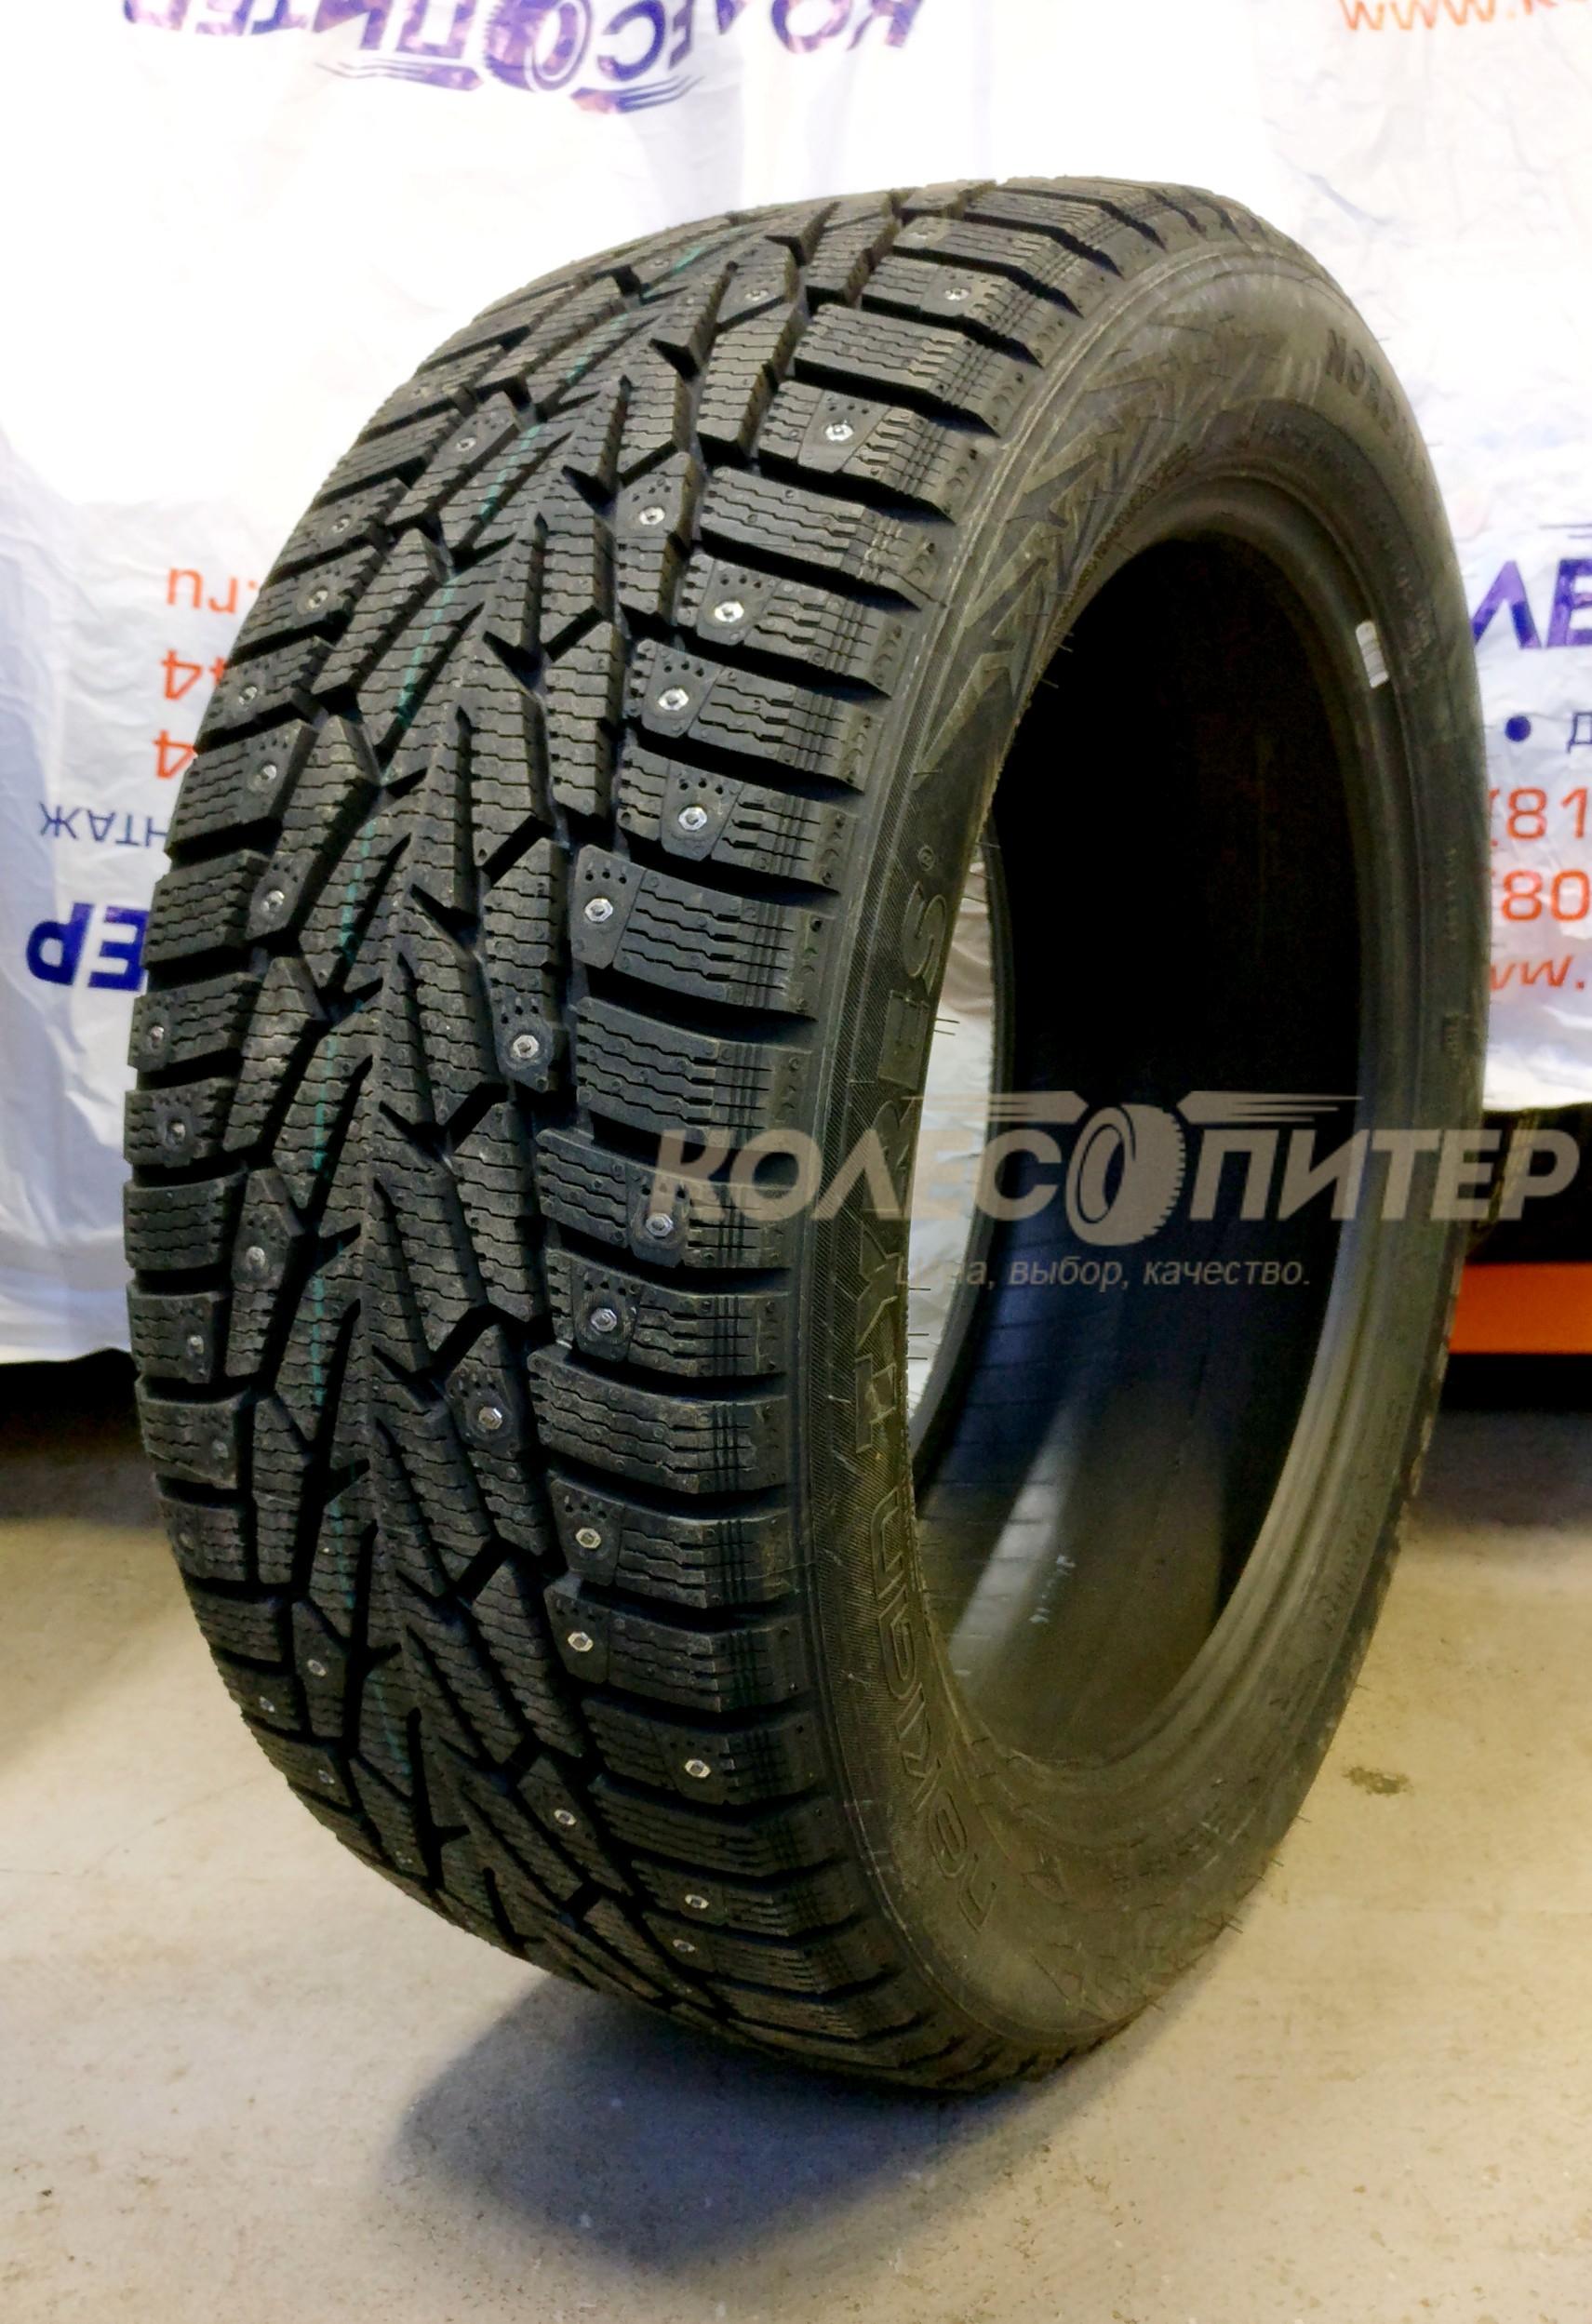 nokian tyres nordman 7 195 65 r15 95 t xl. Black Bedroom Furniture Sets. Home Design Ideas